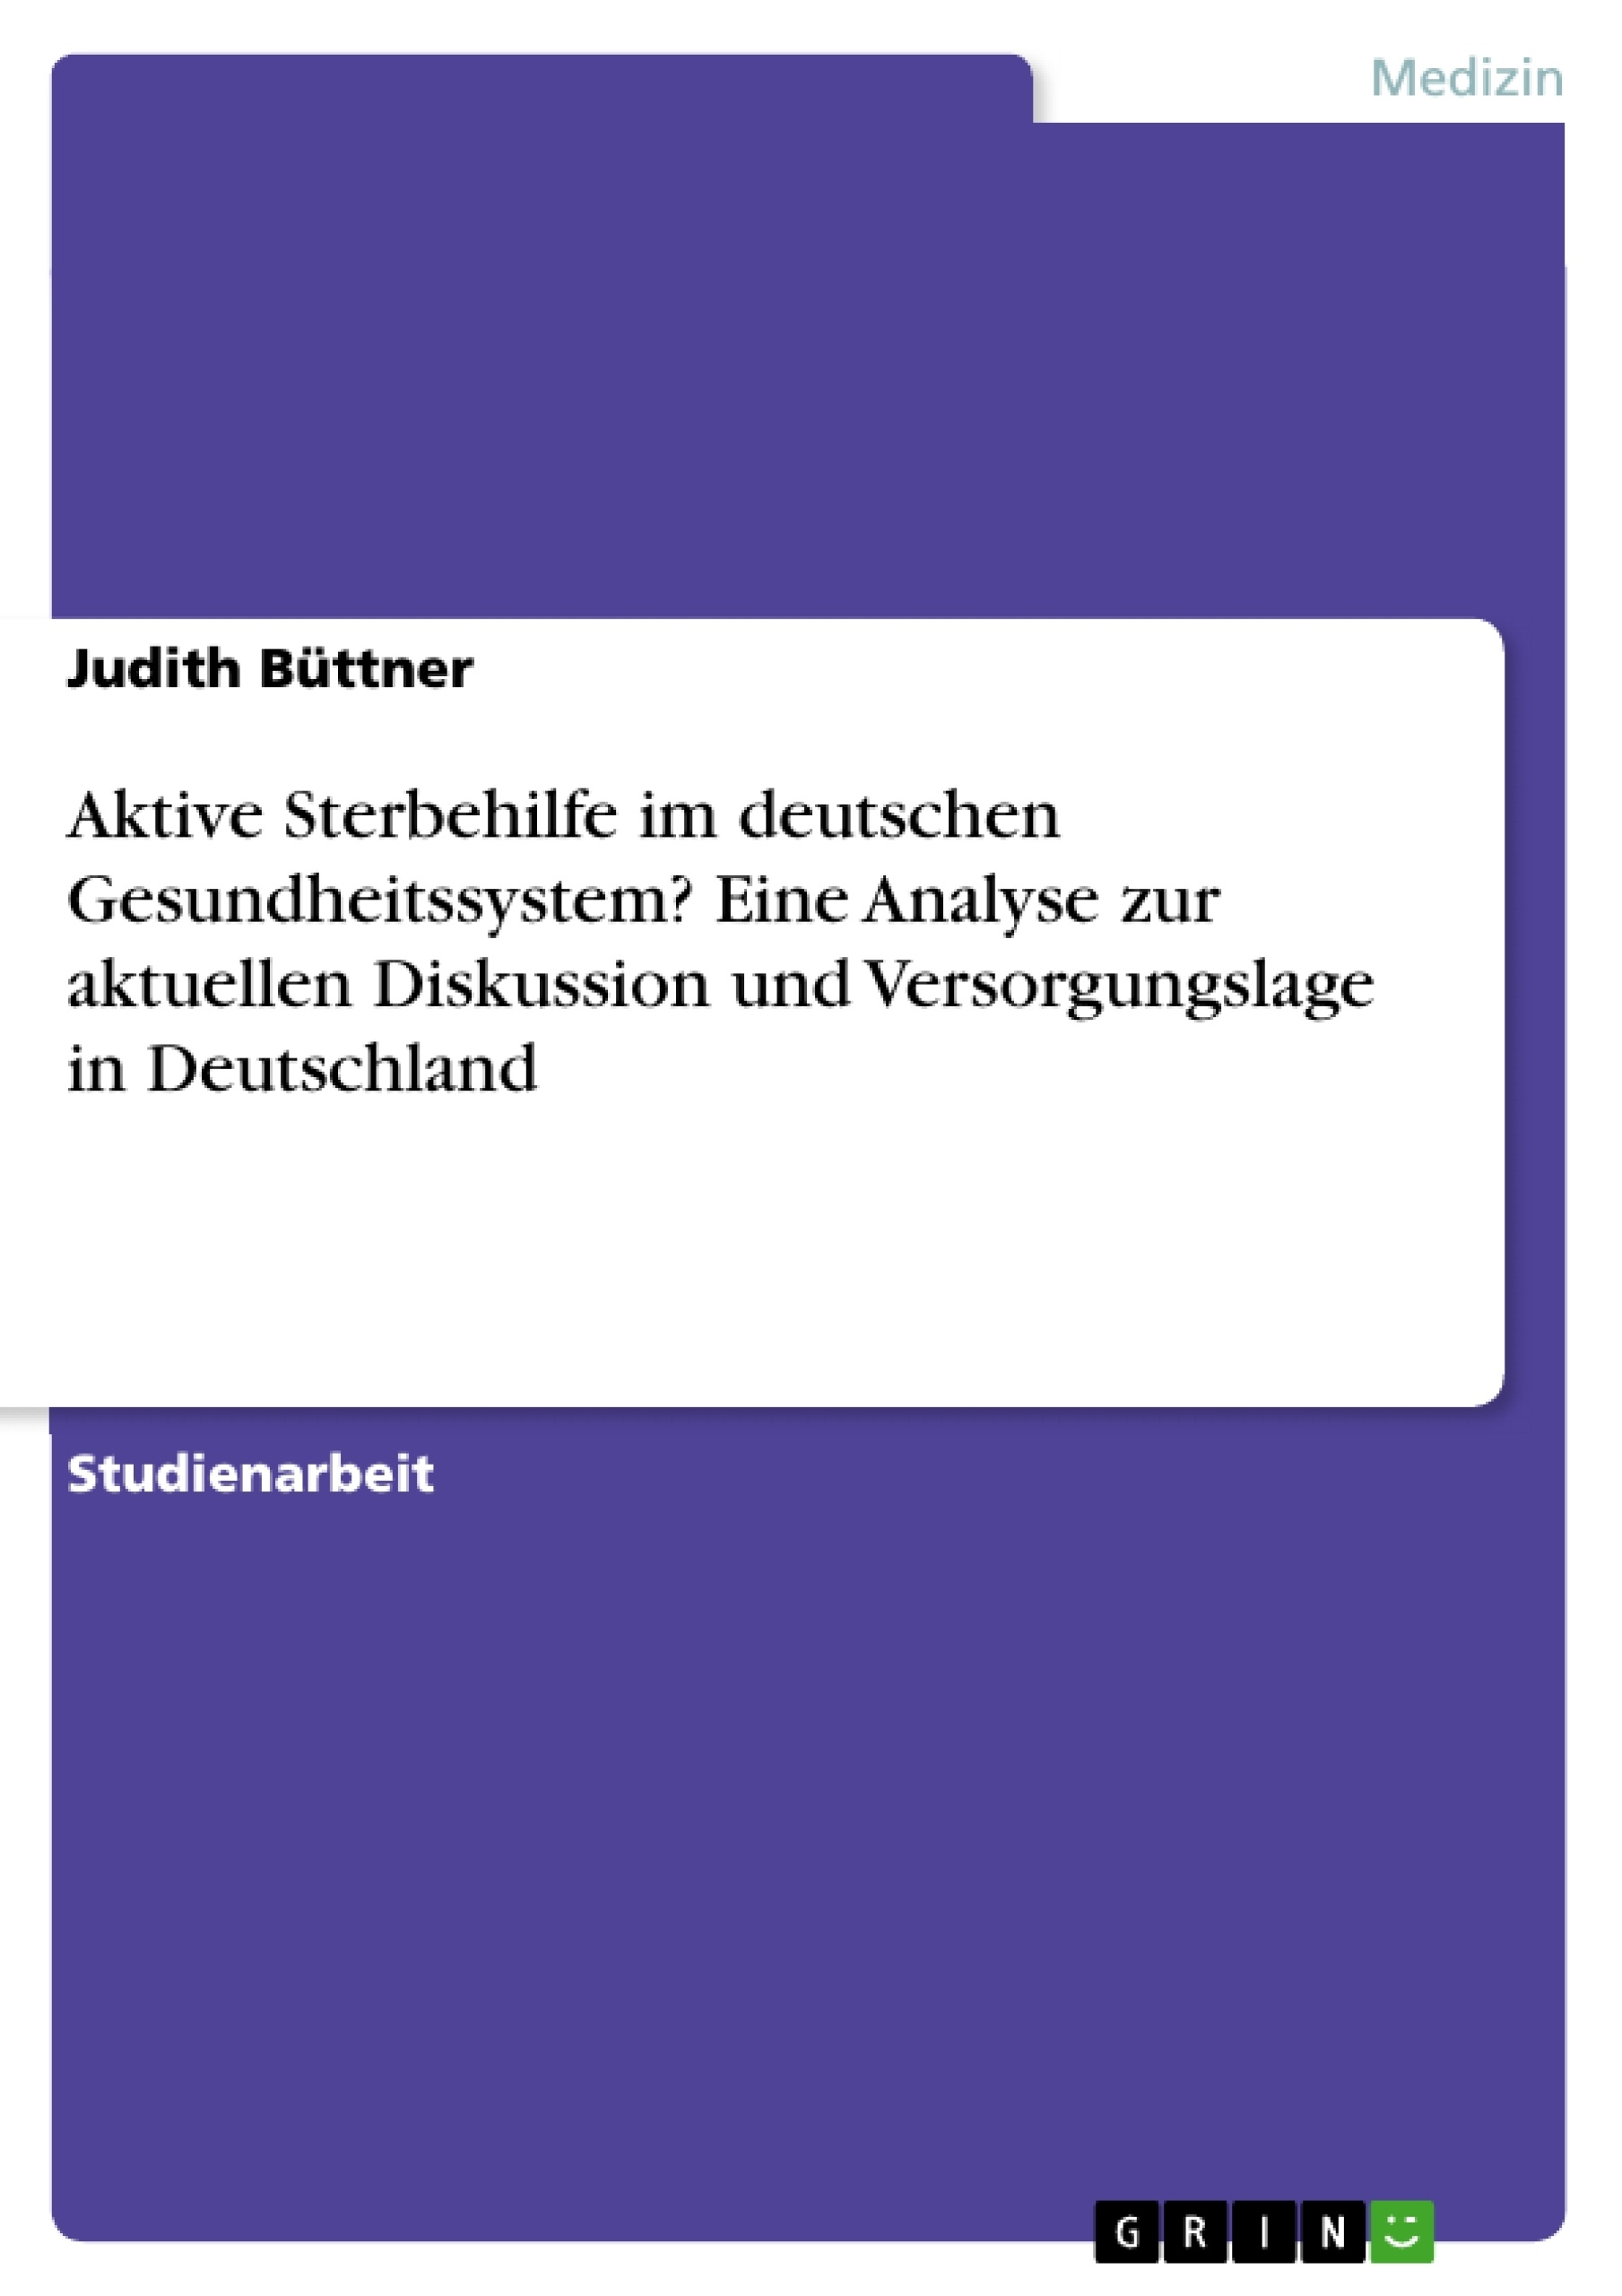 Titel: Aktive Sterbehilfe im deutschen Gesundheitssystem? Eine Analyse zur aktuellen Diskussion und Versorgungslage in Deutschland